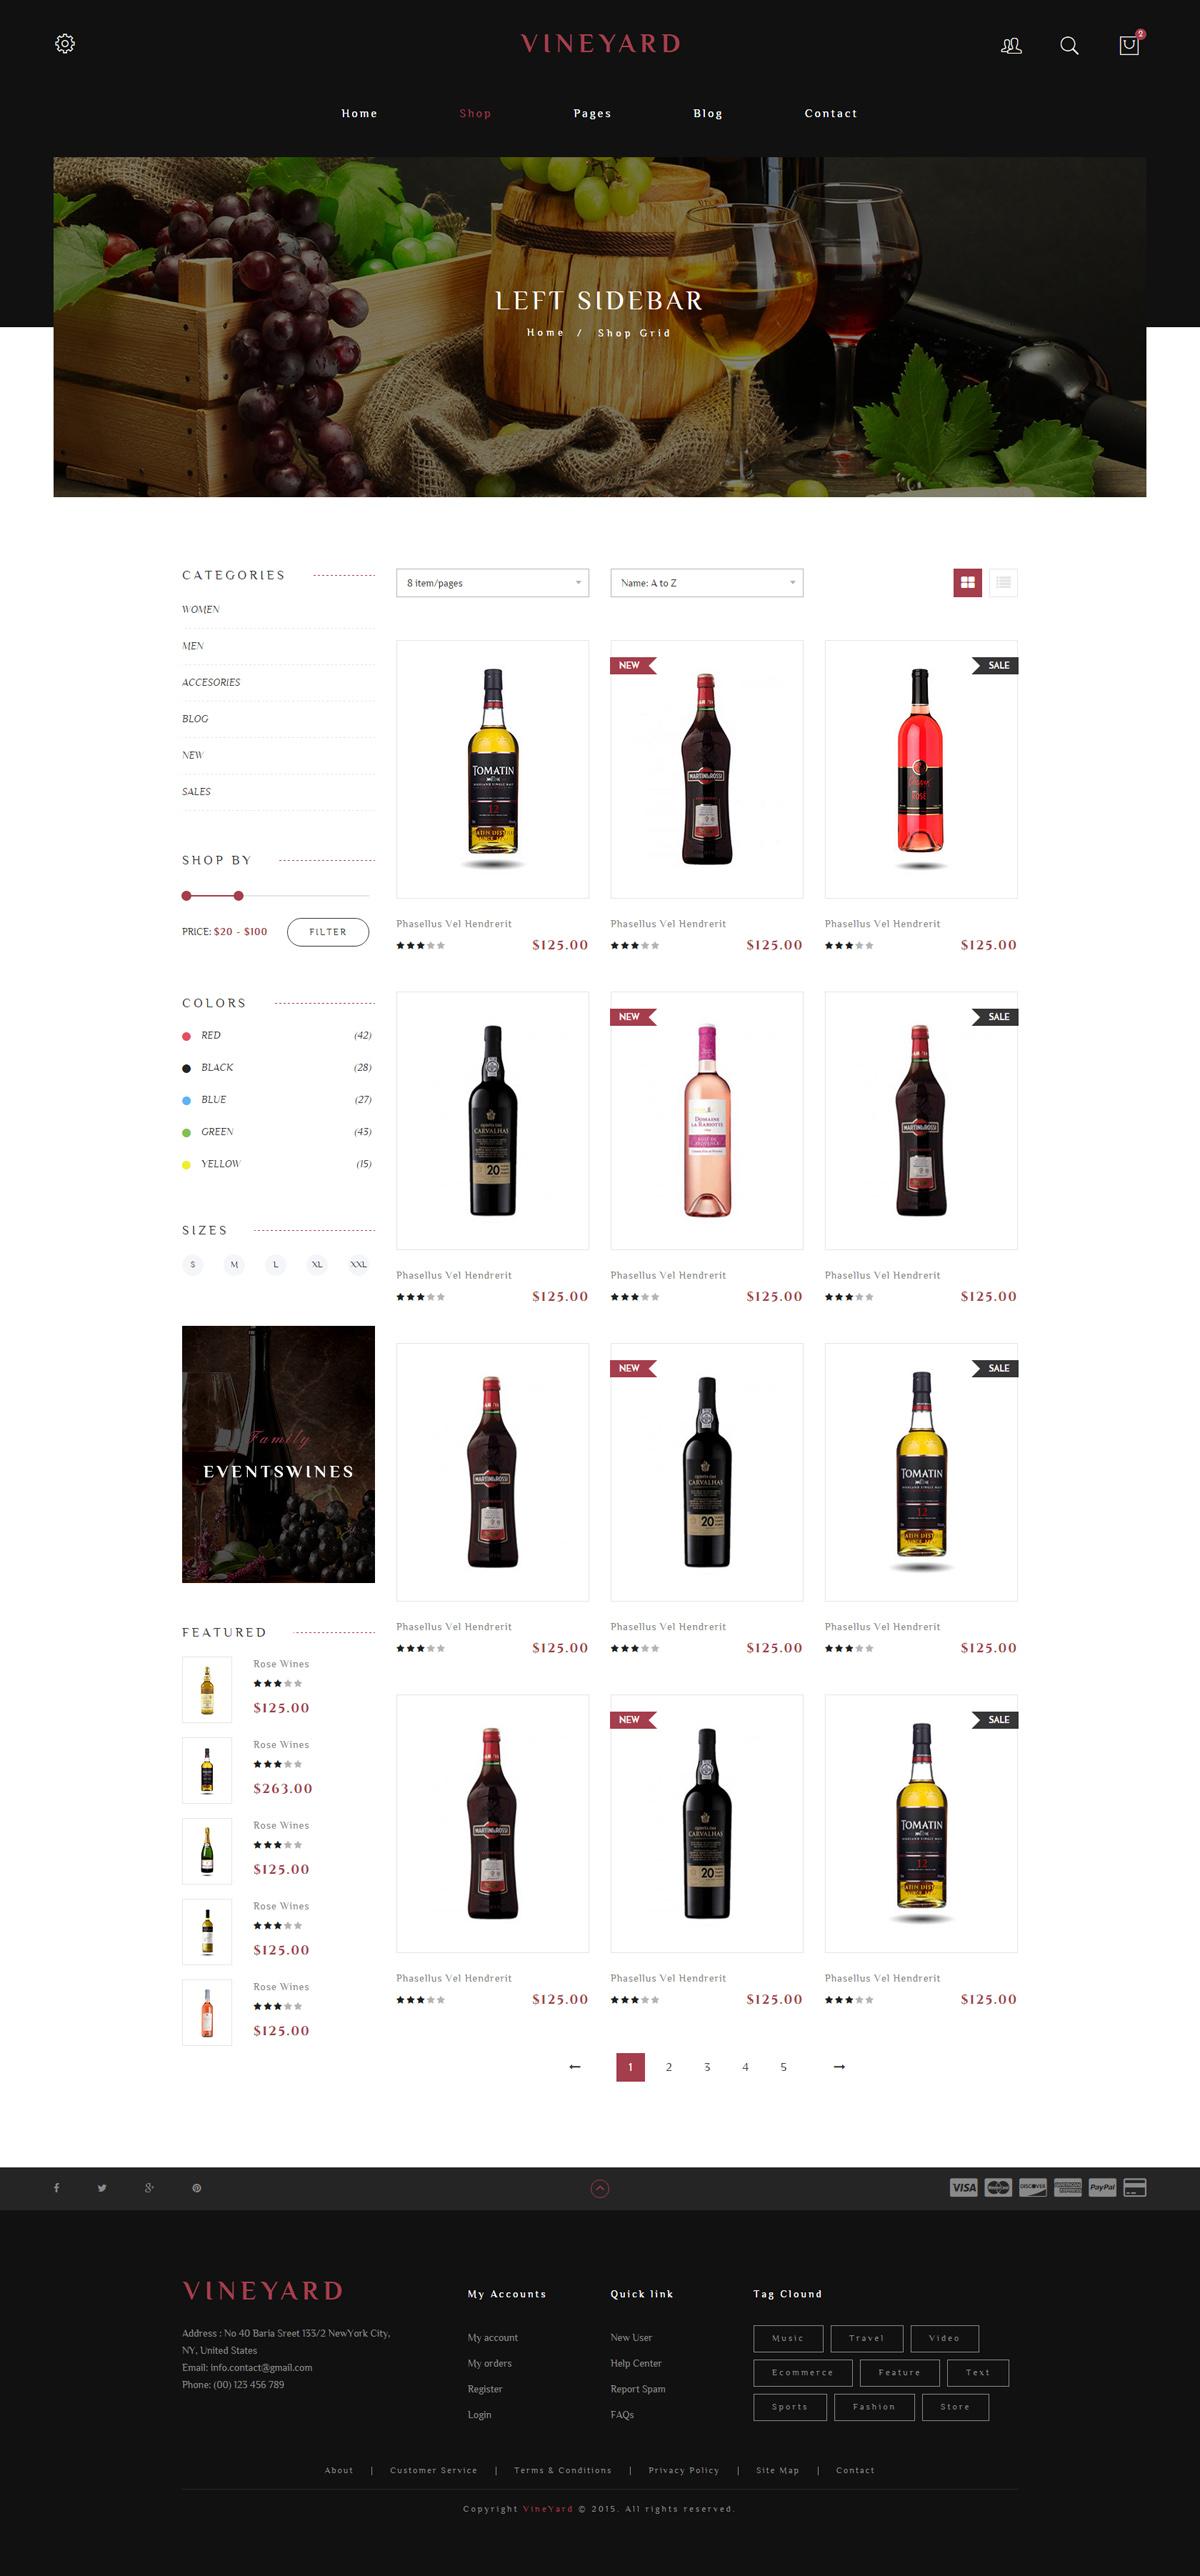 红酒商城源码下载_响应葡萄酒电商html5模板_大气漂亮红酒商城框架html源码 - vineyard